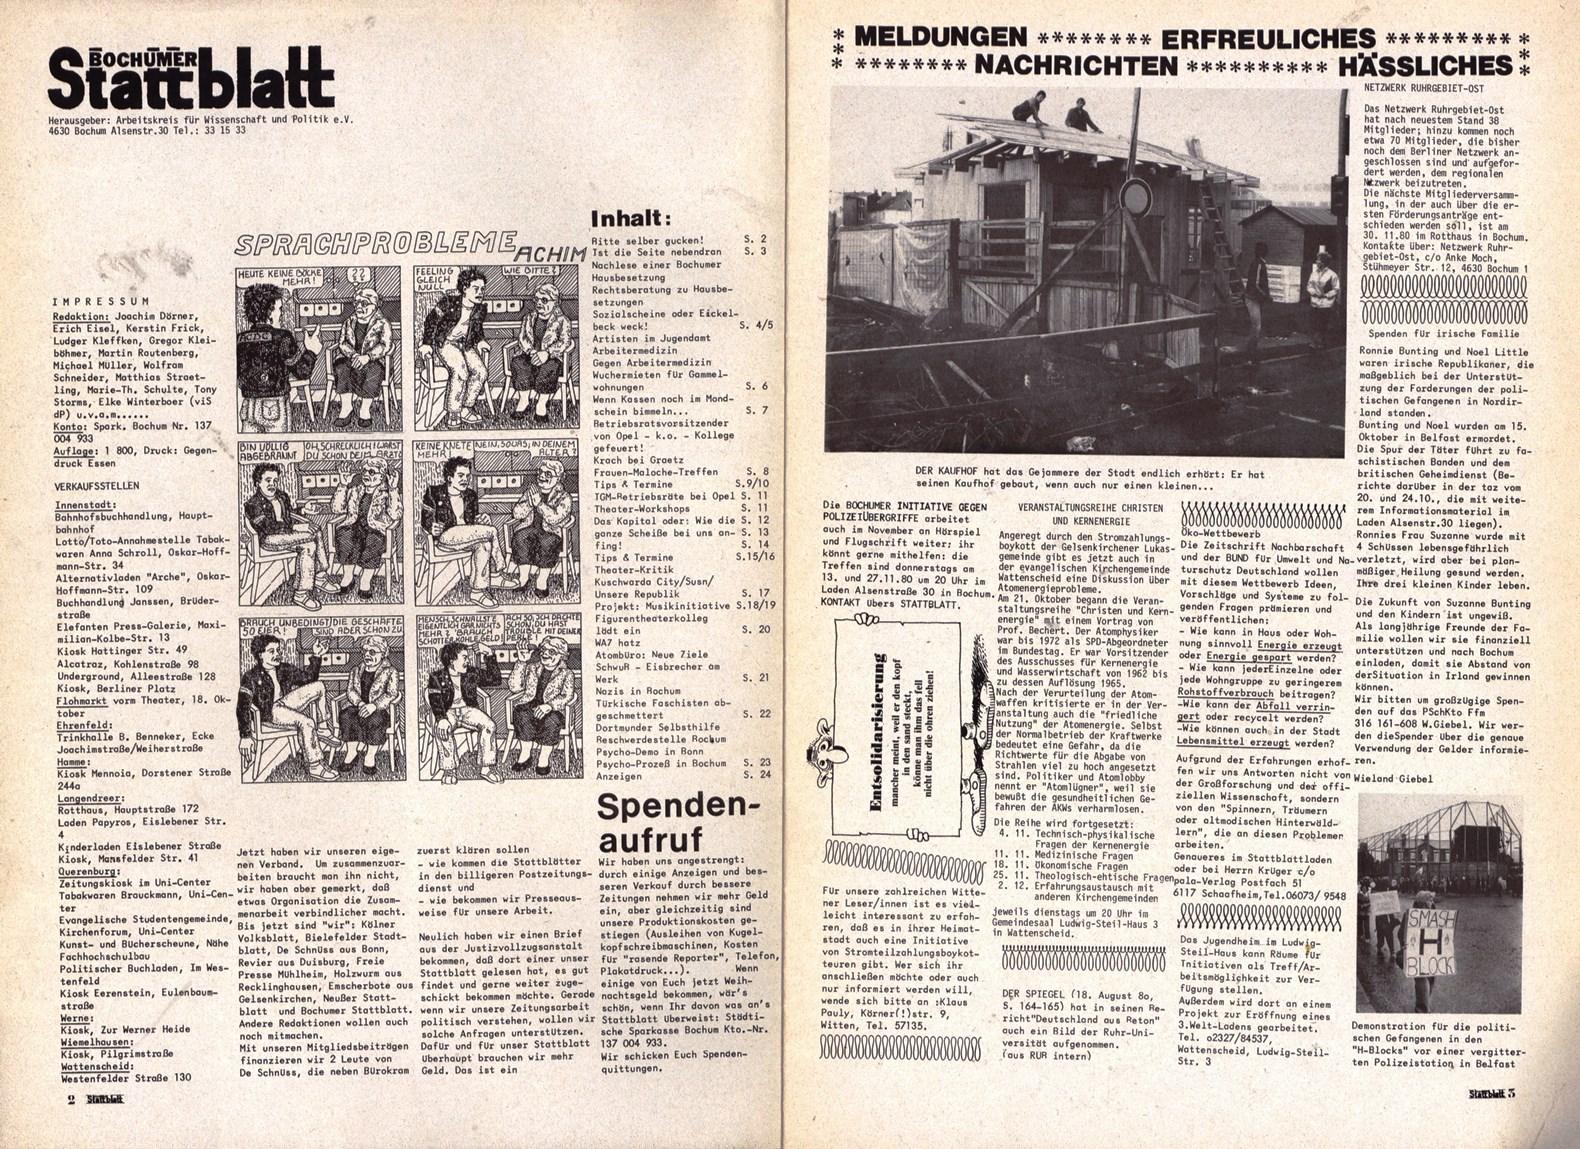 Bochum_Stattblatt_19801100_42_02